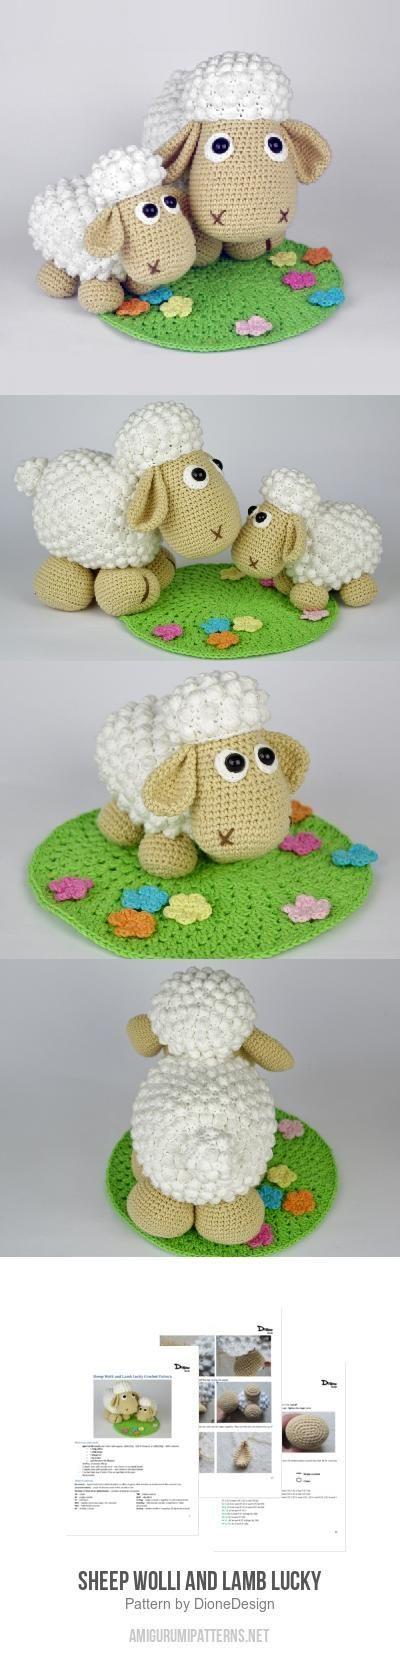 Sheep Wolli And Lamb Lucky Amigurumi Pattern